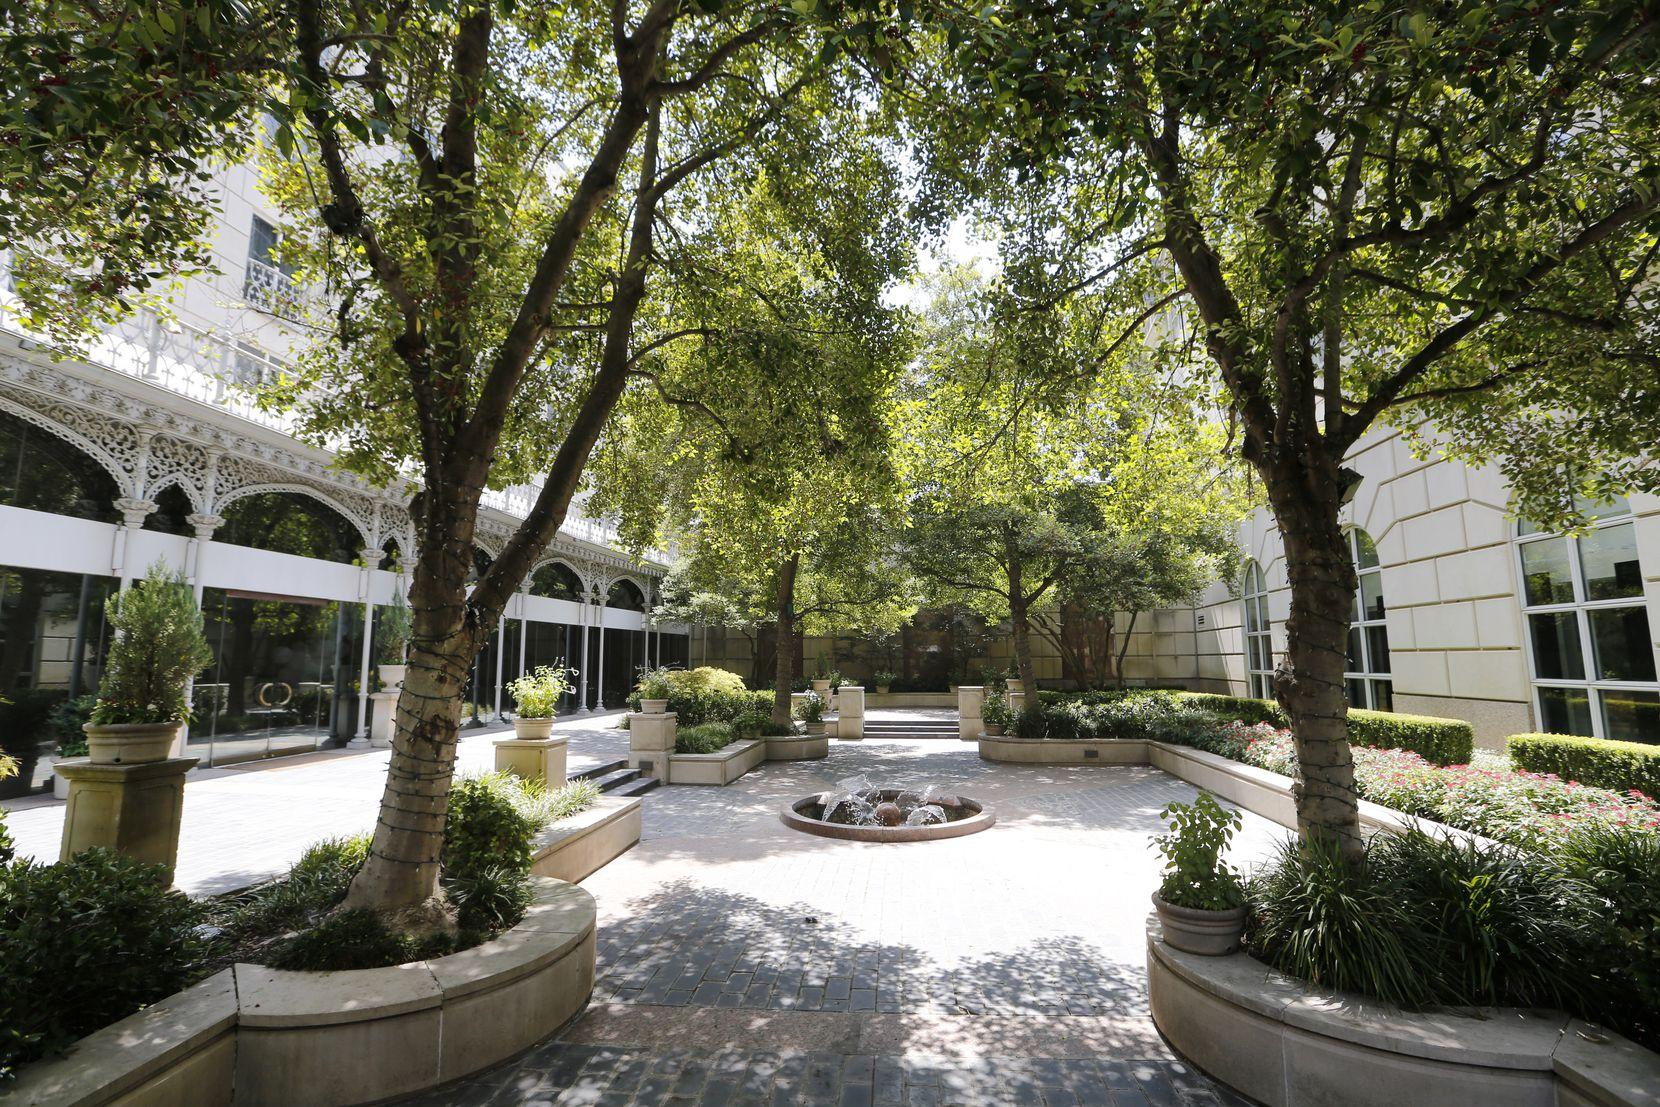 L'Hotel Crescent Court utilise sa cour comme l'un des espaces où il peut organiser des mariages pour les petites fêtes.